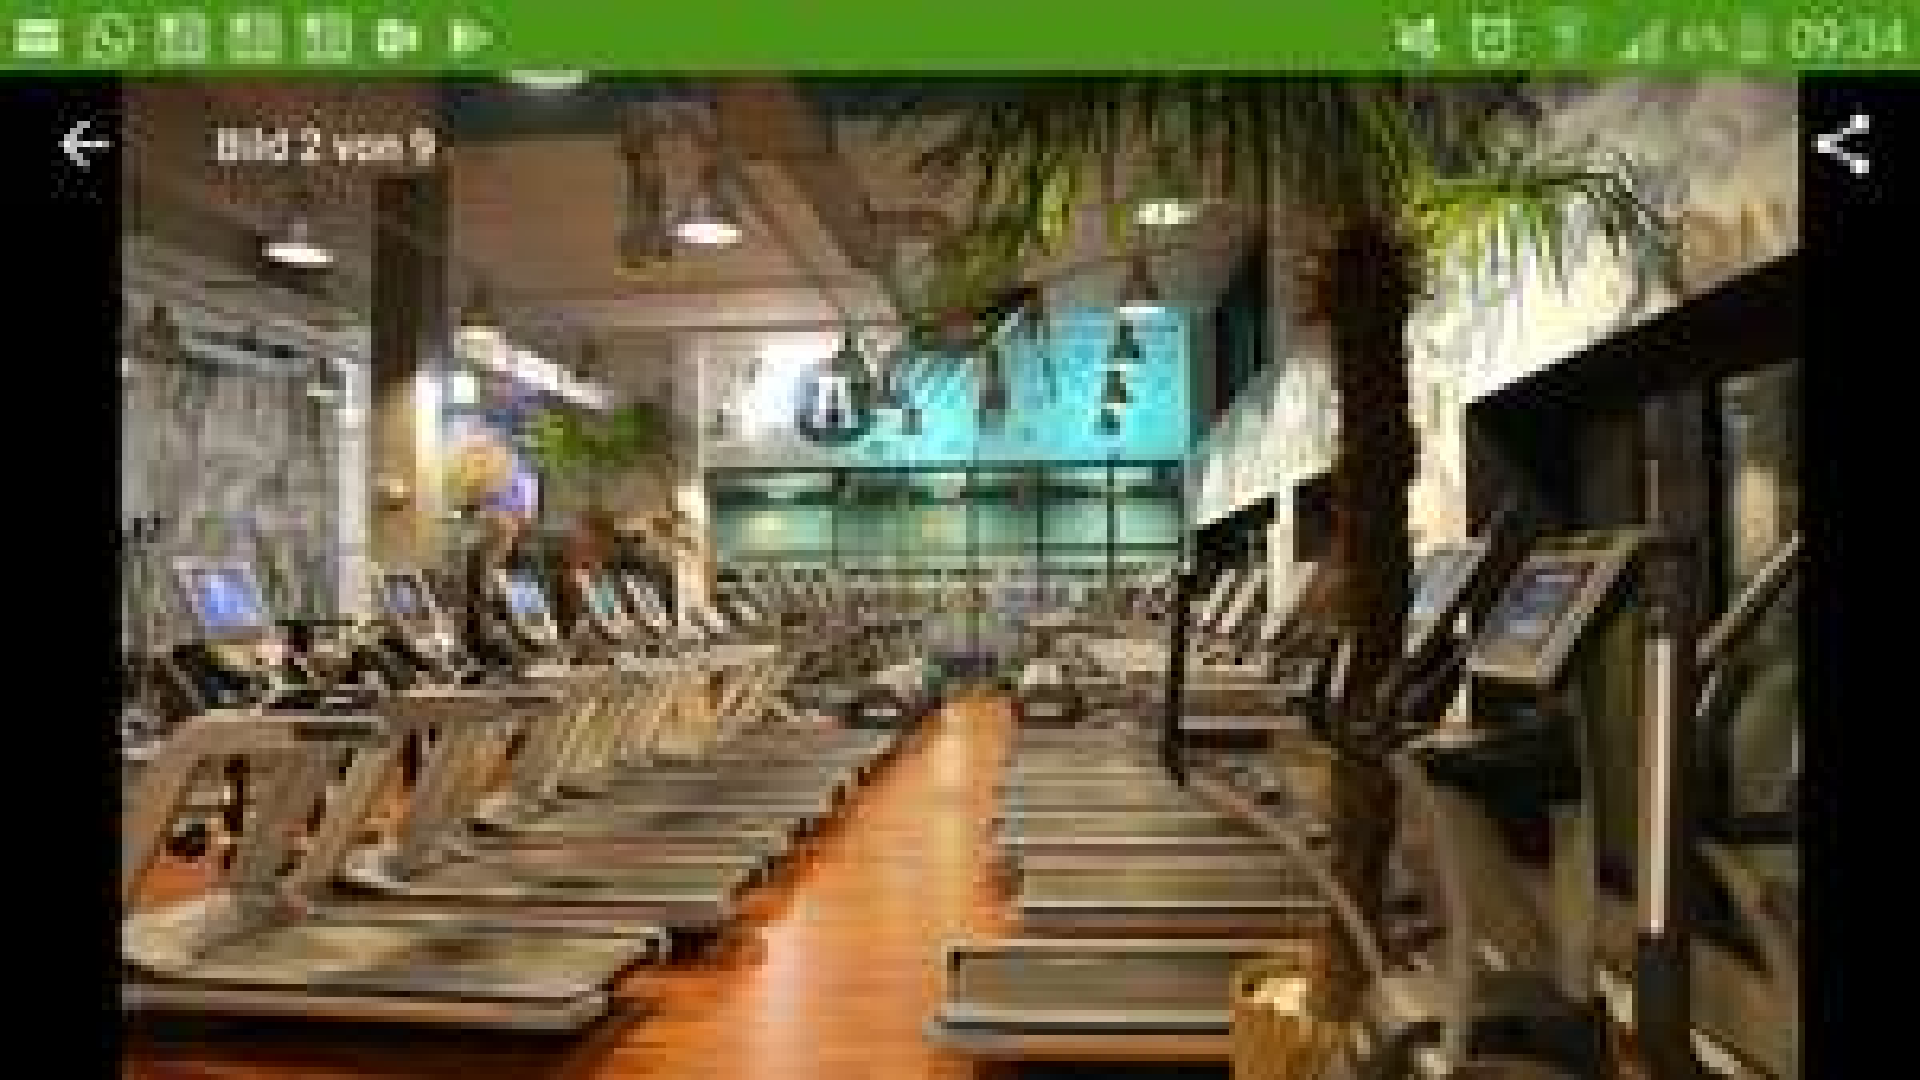 [Lokal, Groupon] 10x (5x/ 3x) Fitness-Training mit allen Kursen, Getränke-Flatrate und Nutzung des Wellnessbereiches im Allstar Gym Potsdamer Platz